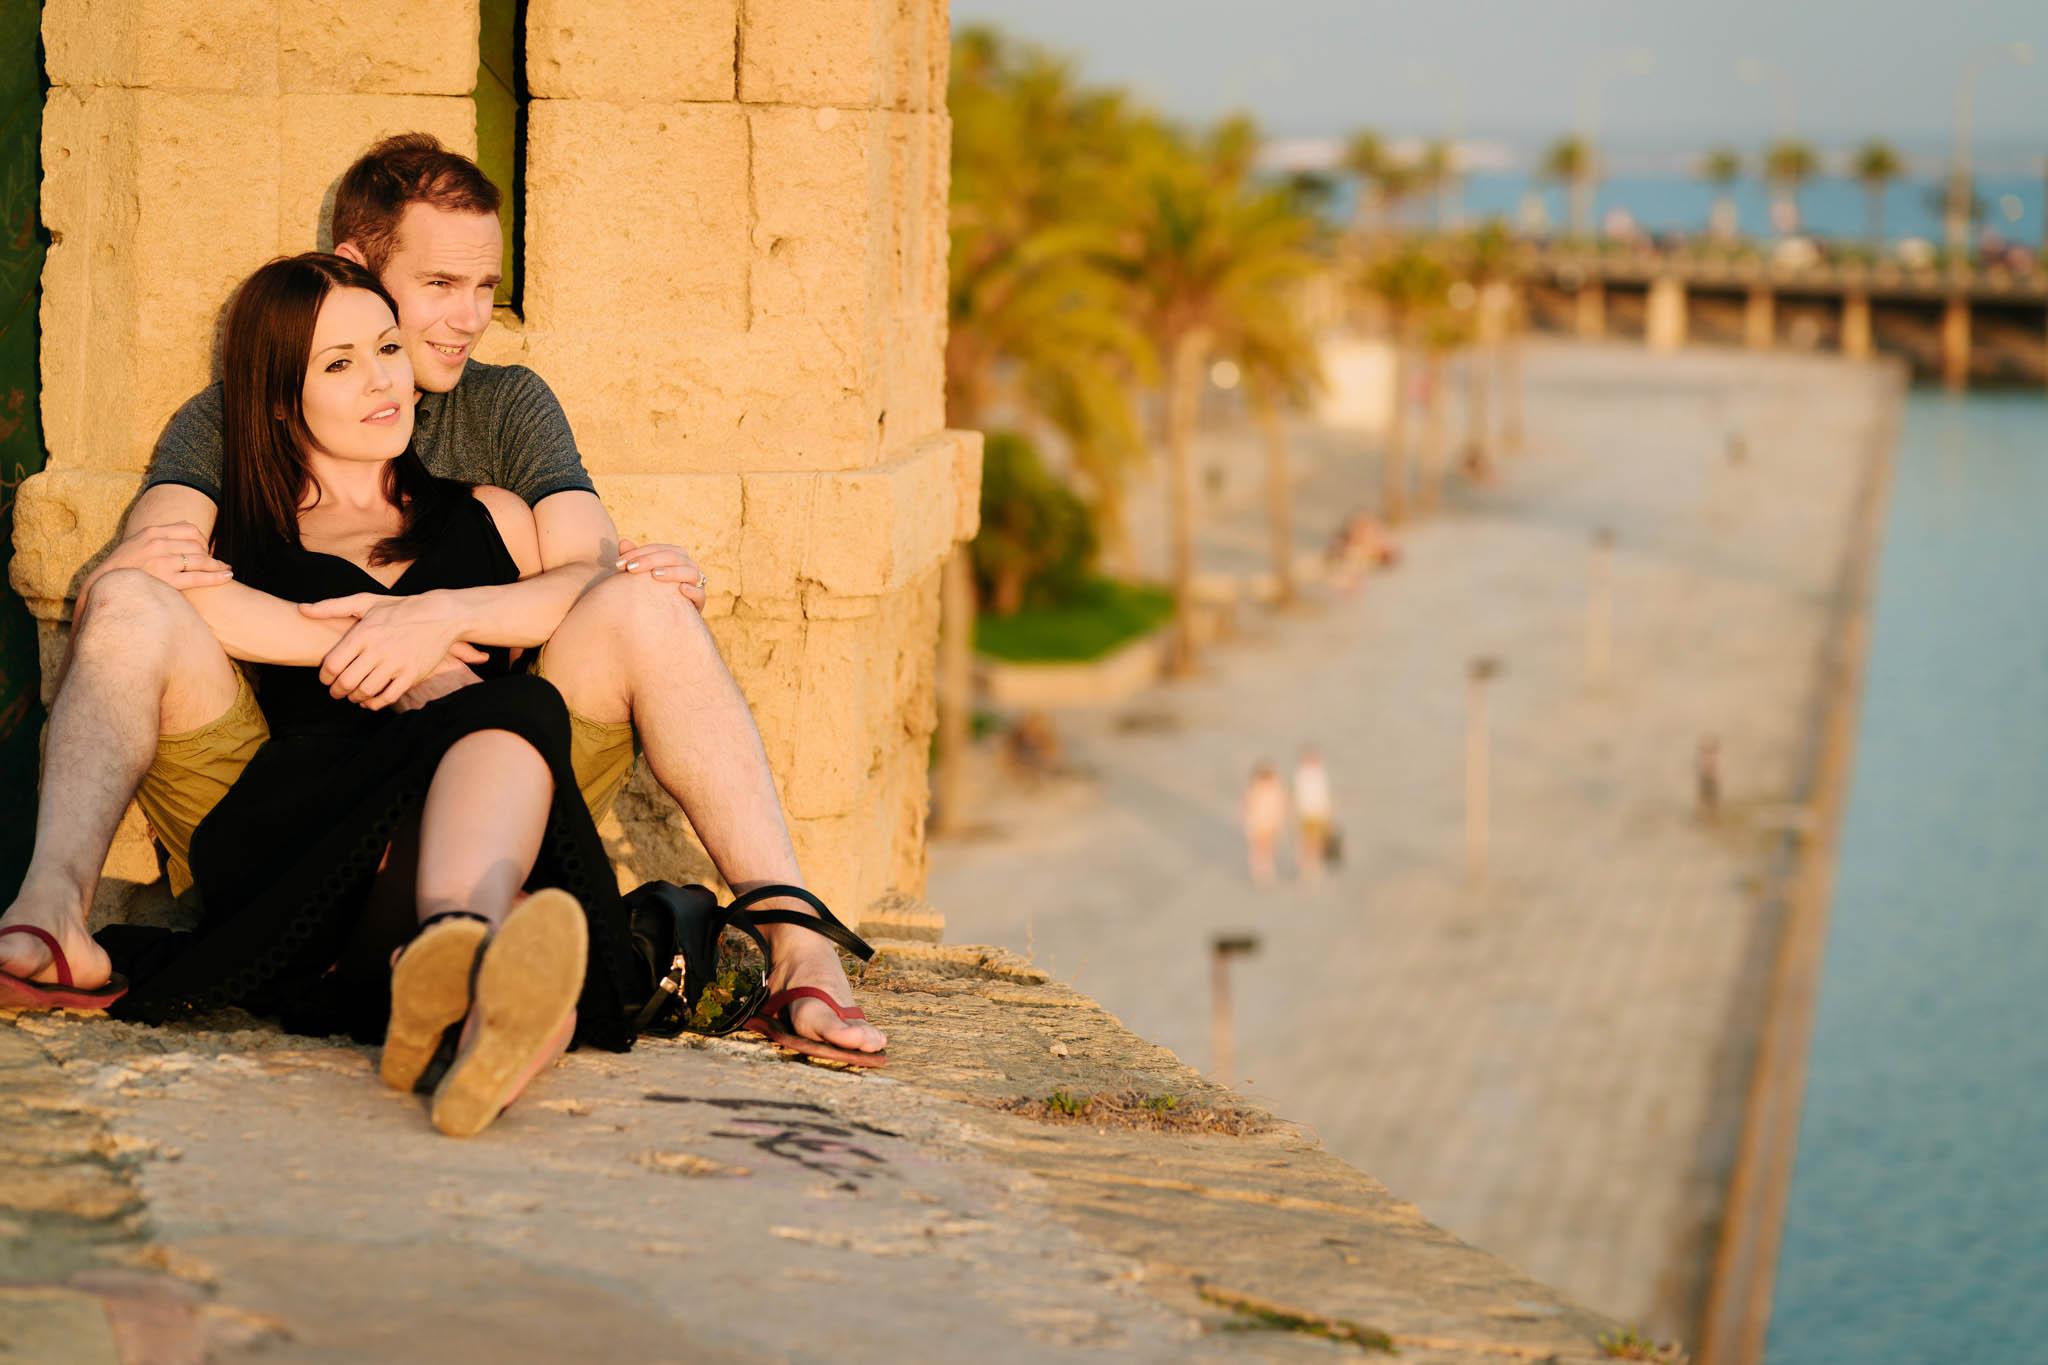 destination-wedding-photography-spain-palma-de-mallorca (66)